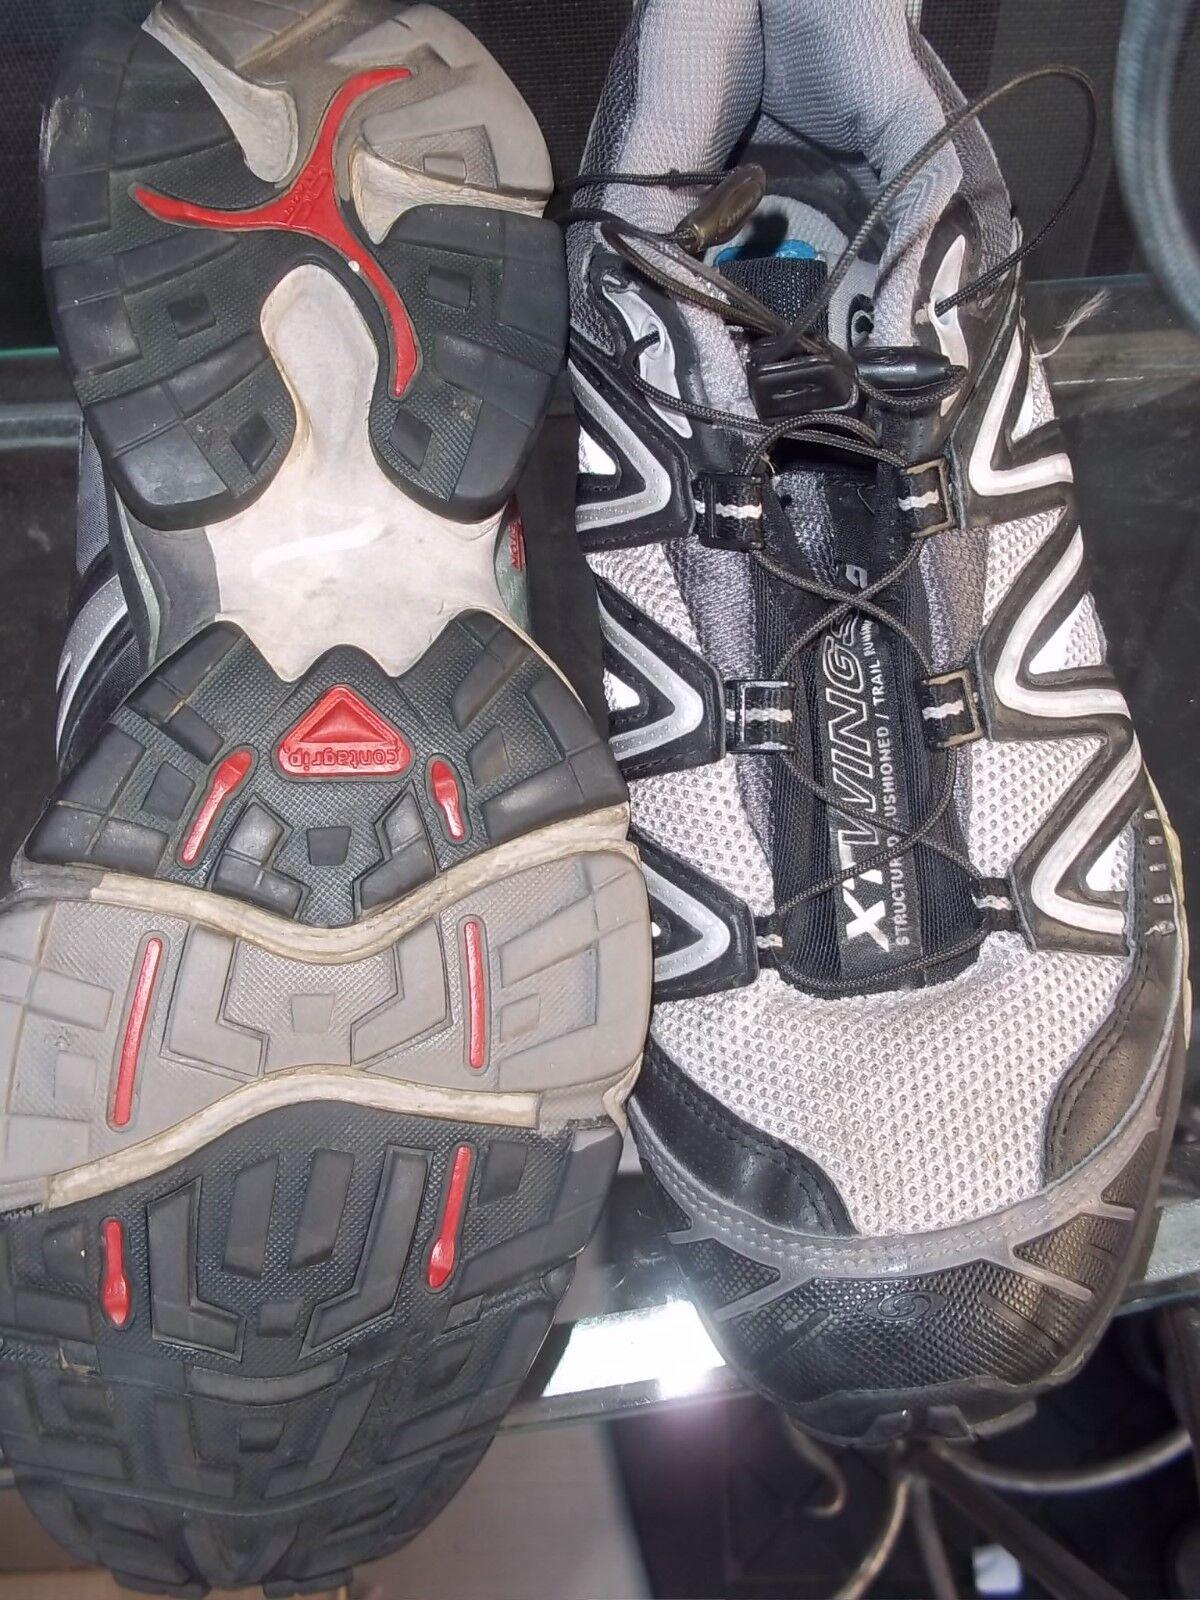 Salomon xt ali 2 uomini performance tracce di scarpe da corsa uomini 2 dimensioni noi 8,5 163368